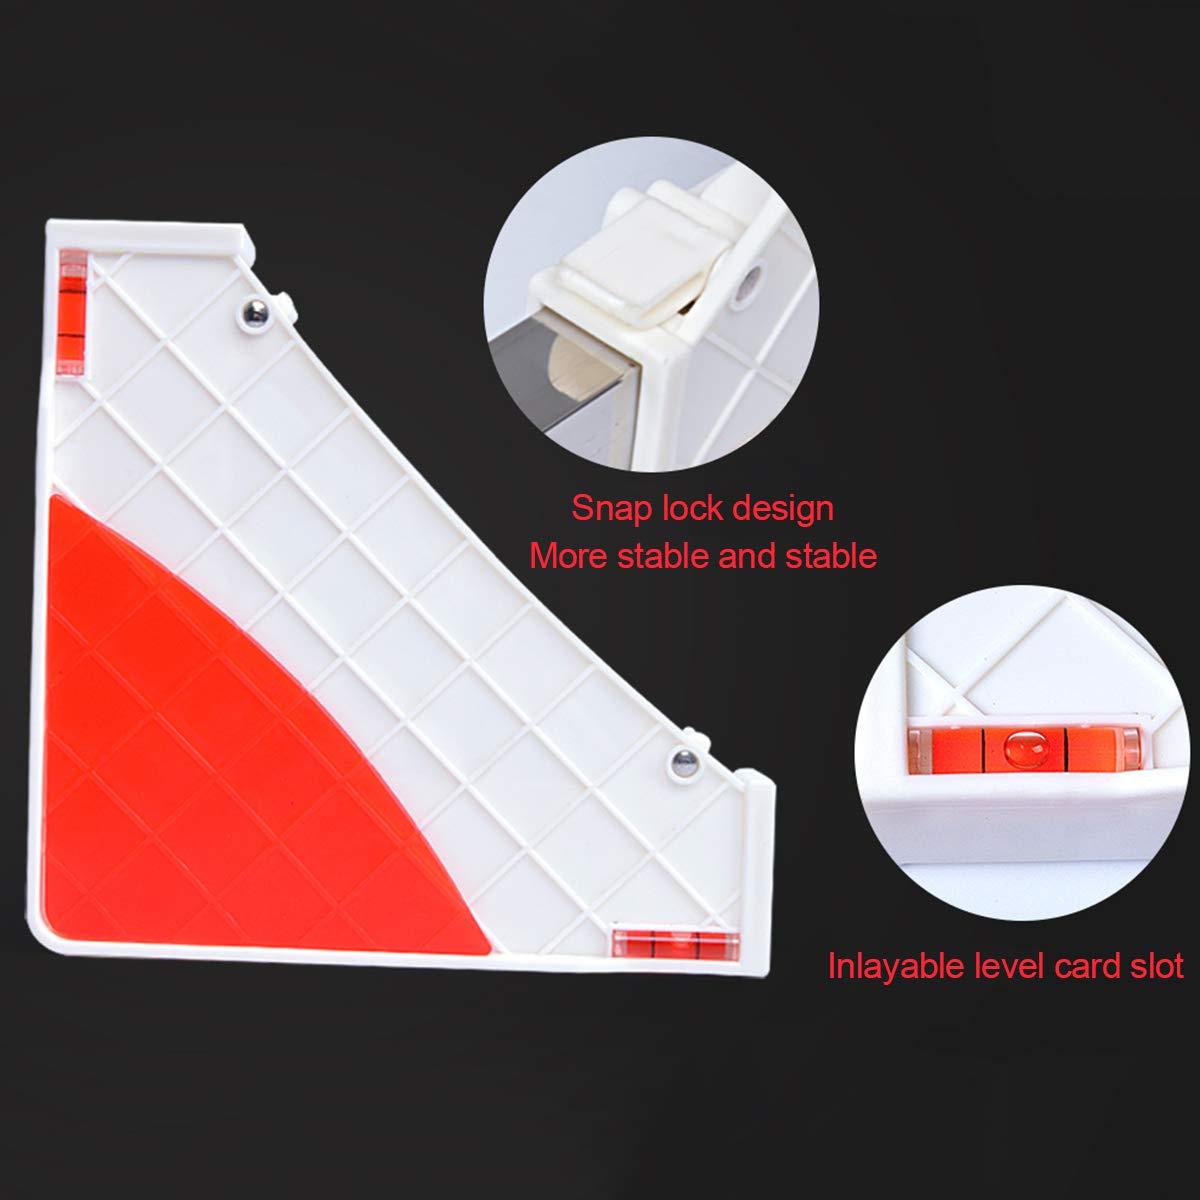 lavadoras Base con y estabilizadores 4-12 Mfnyp Lavadora Base del Pedestal Lavadora y Nevera para la Secadora ,Foursupportlegs Altura: 24-27cm